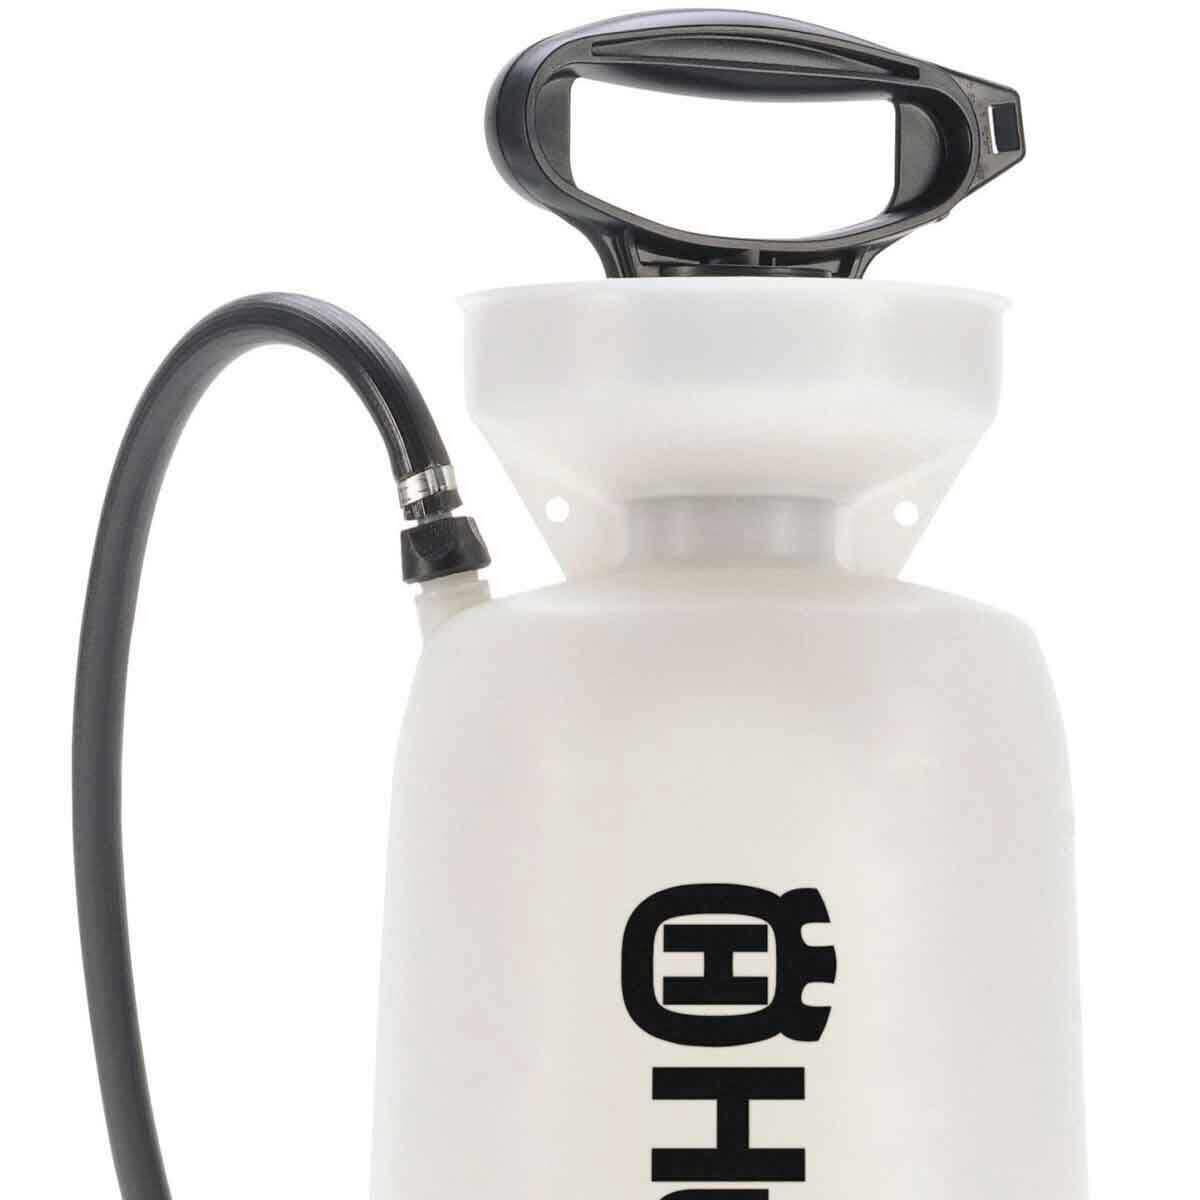 Husqvarna 4 Gallon Pump Water Tank